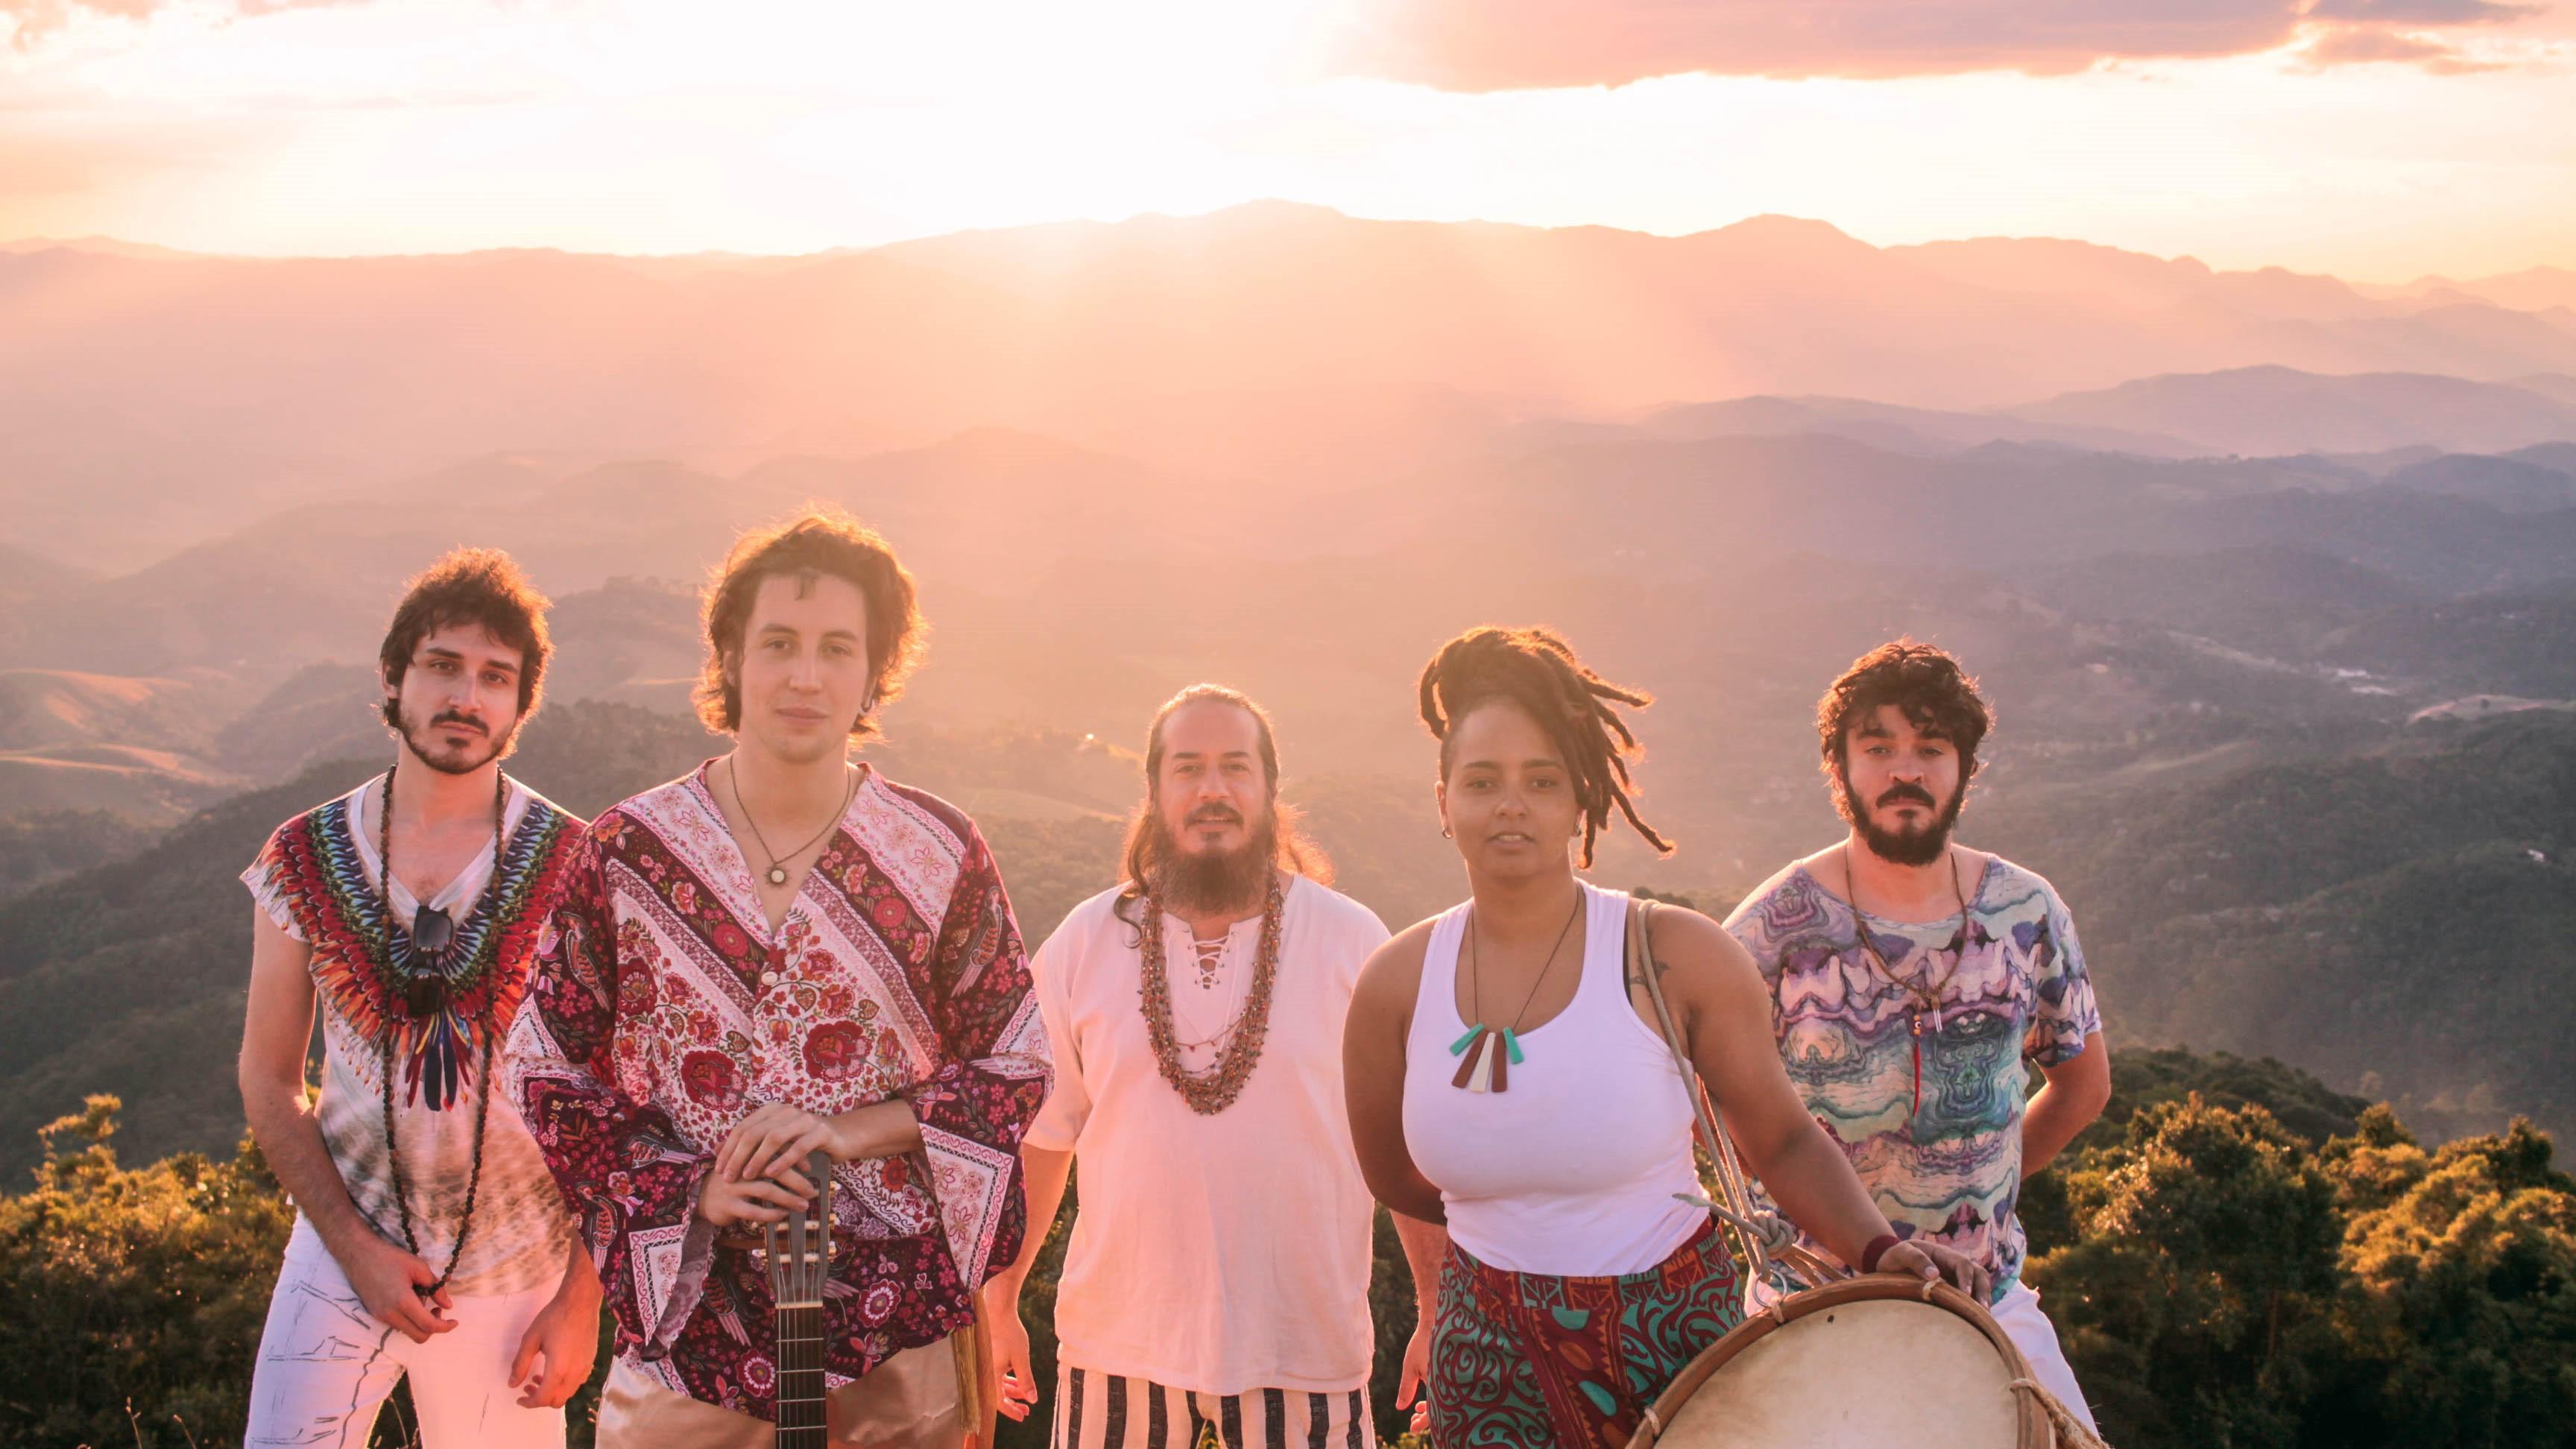 Mil Pássaros Dançando lança novo videoclipe, que anuncia disco de estreia